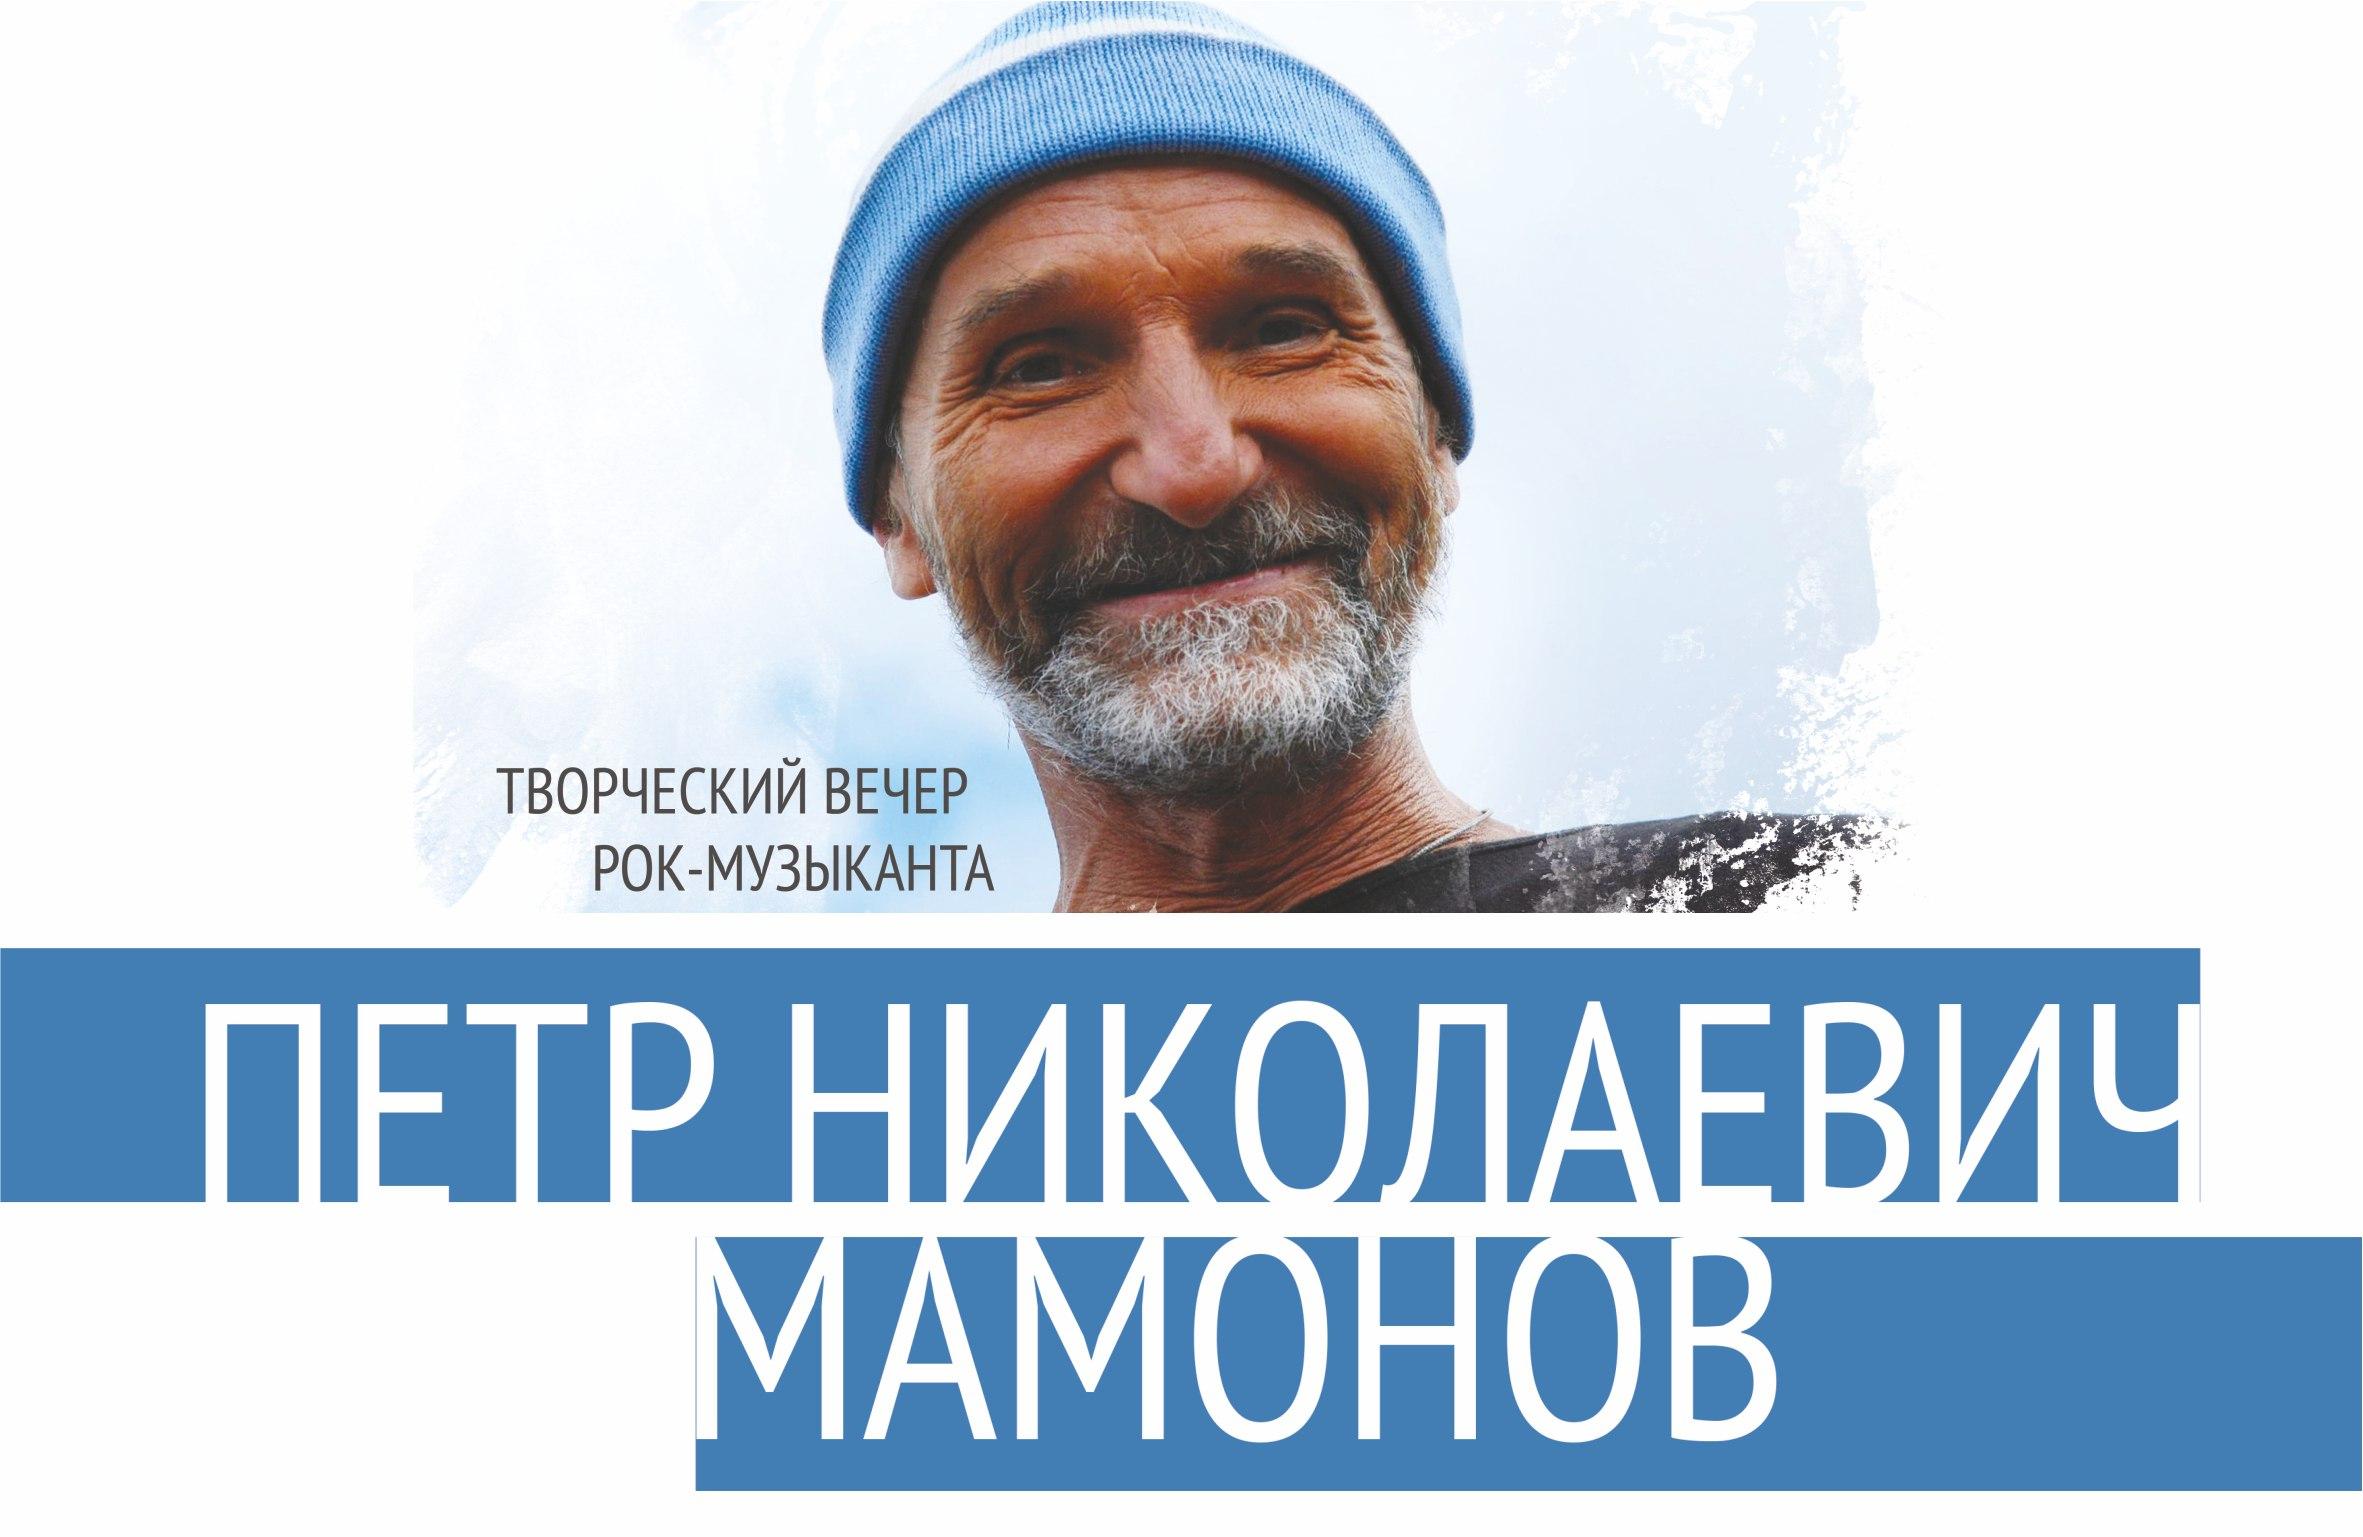 Петр Мамонов. Творческий вечер.